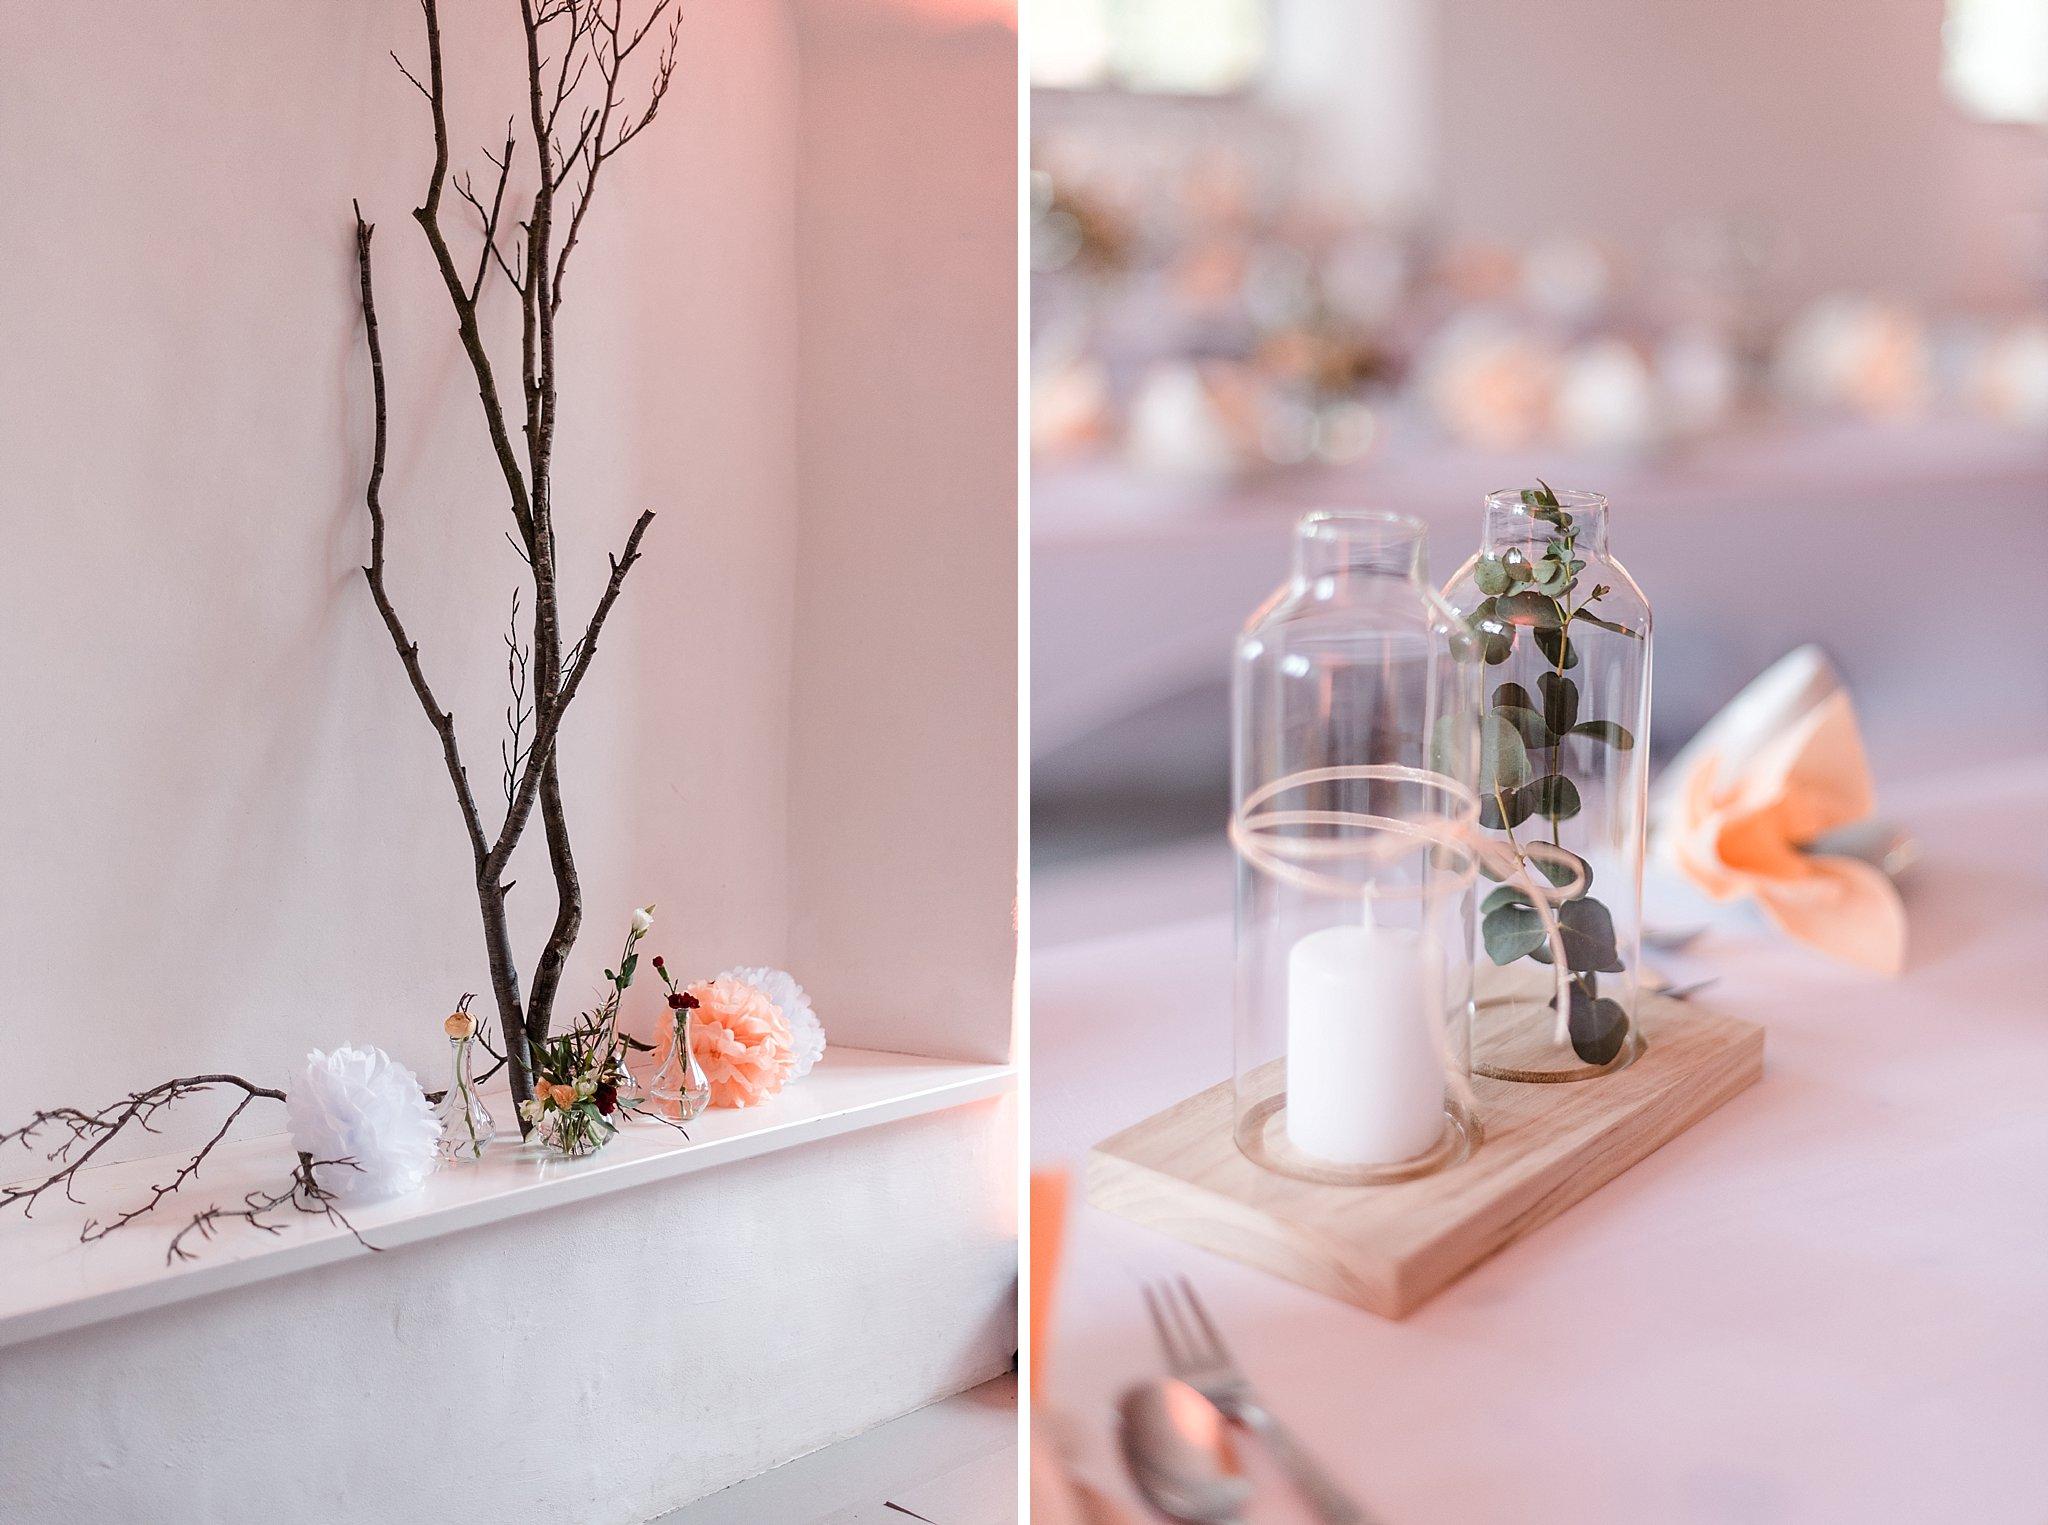 Hochzeit-von-Marina-Dominik-auf-Burg-Wernberg-und-Schloss-Friedrichsburg-00022